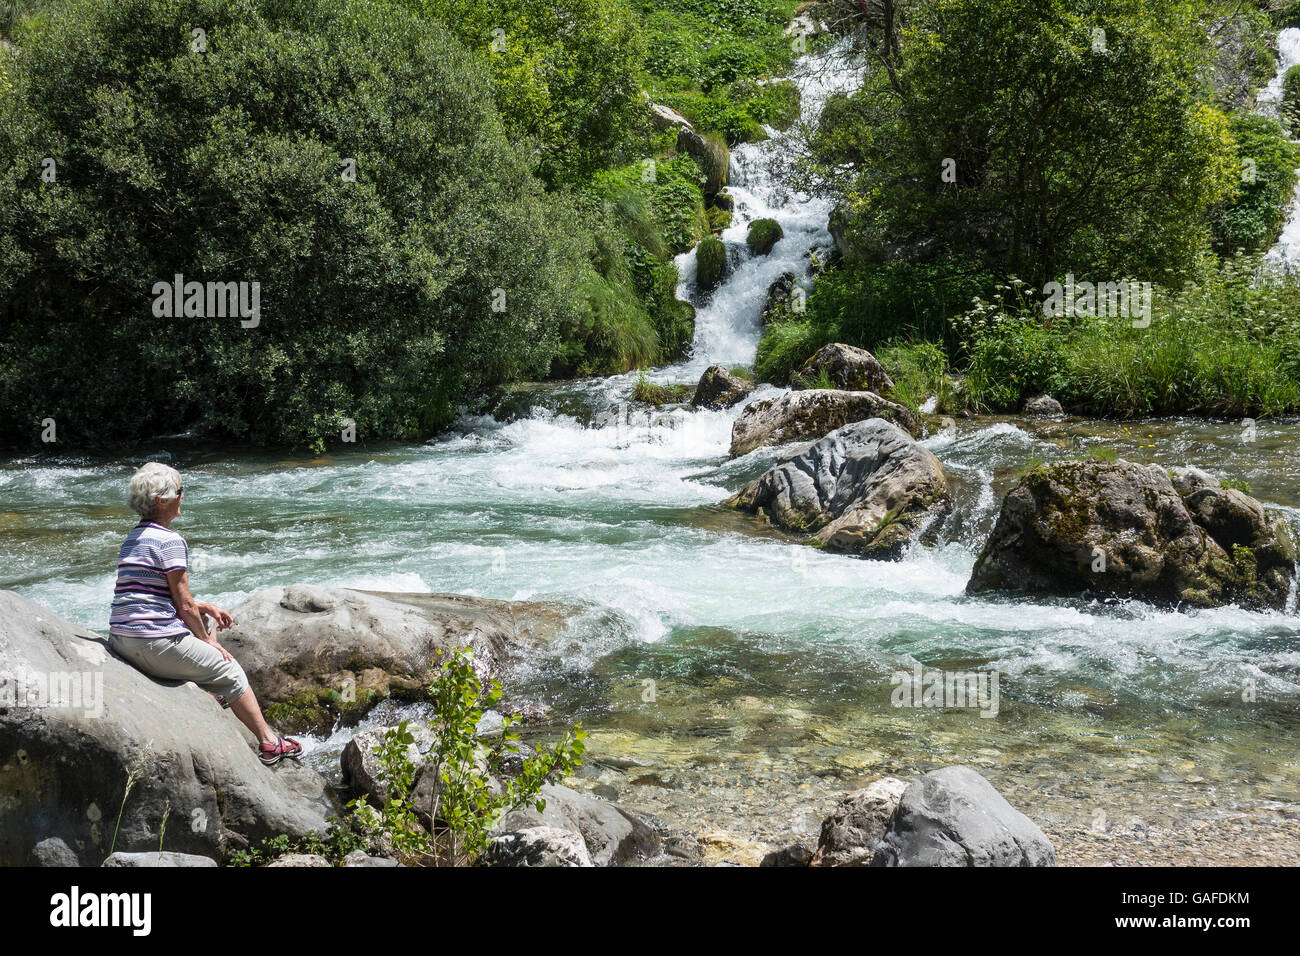 Spain, Leon, Picos de Europa, Cares valley - Stock Image